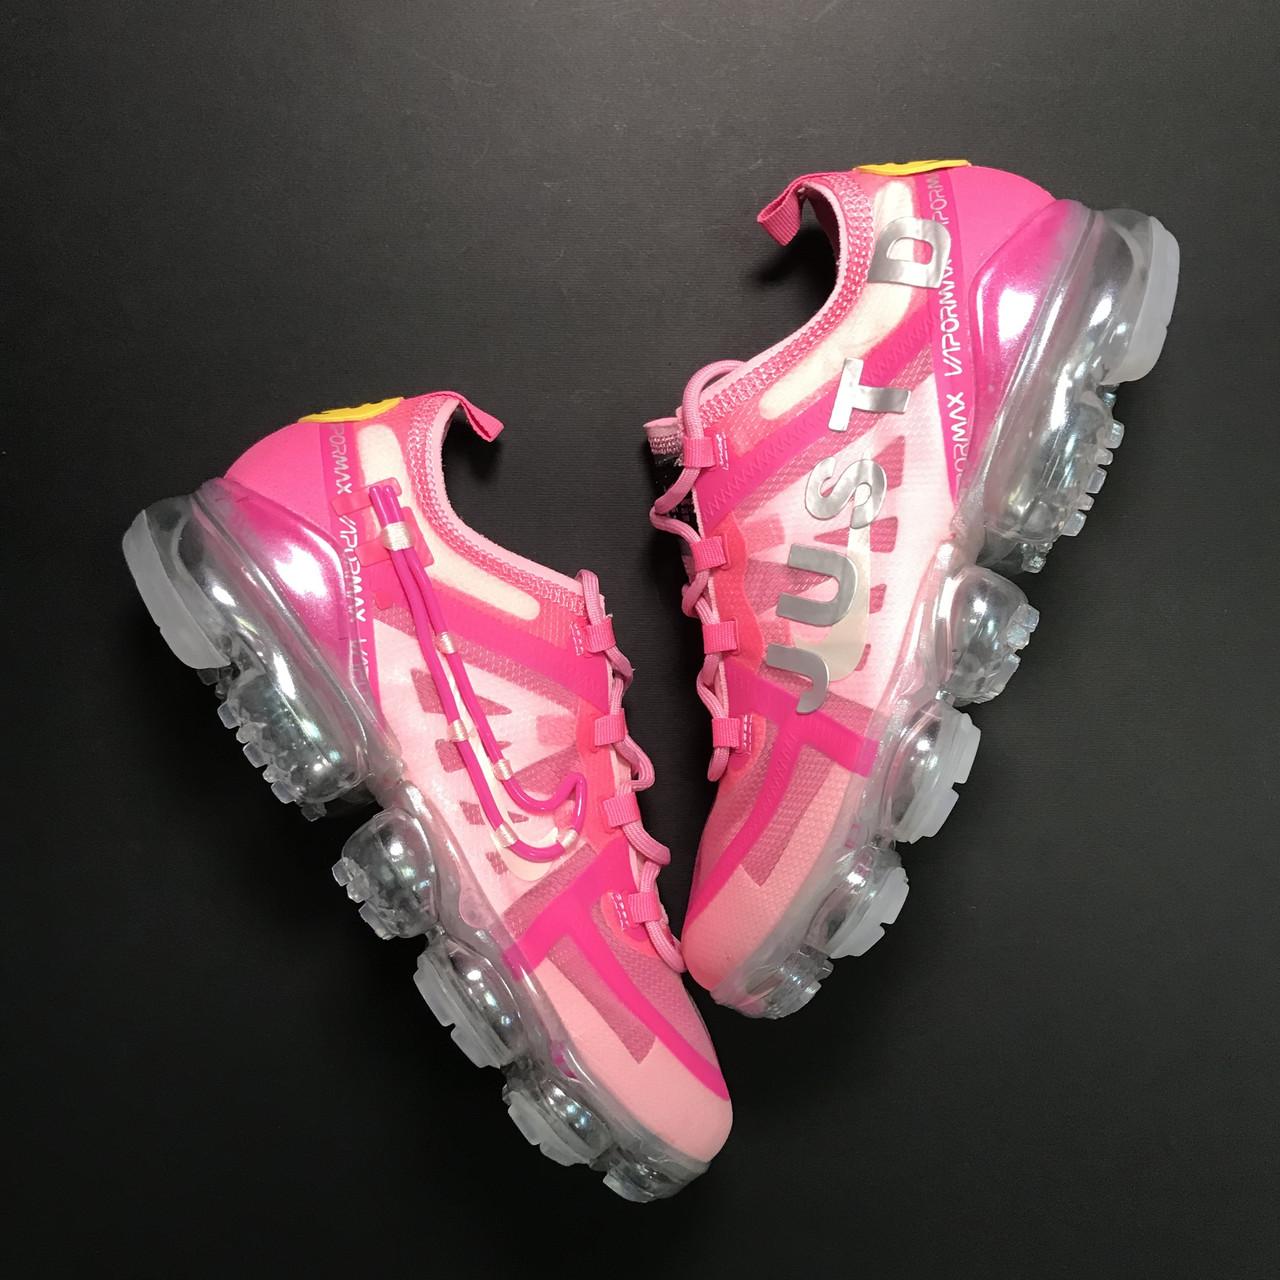 Женские кроссовки Nike Air VaporMax Pink, женские кроссовки найк аир вапормакс